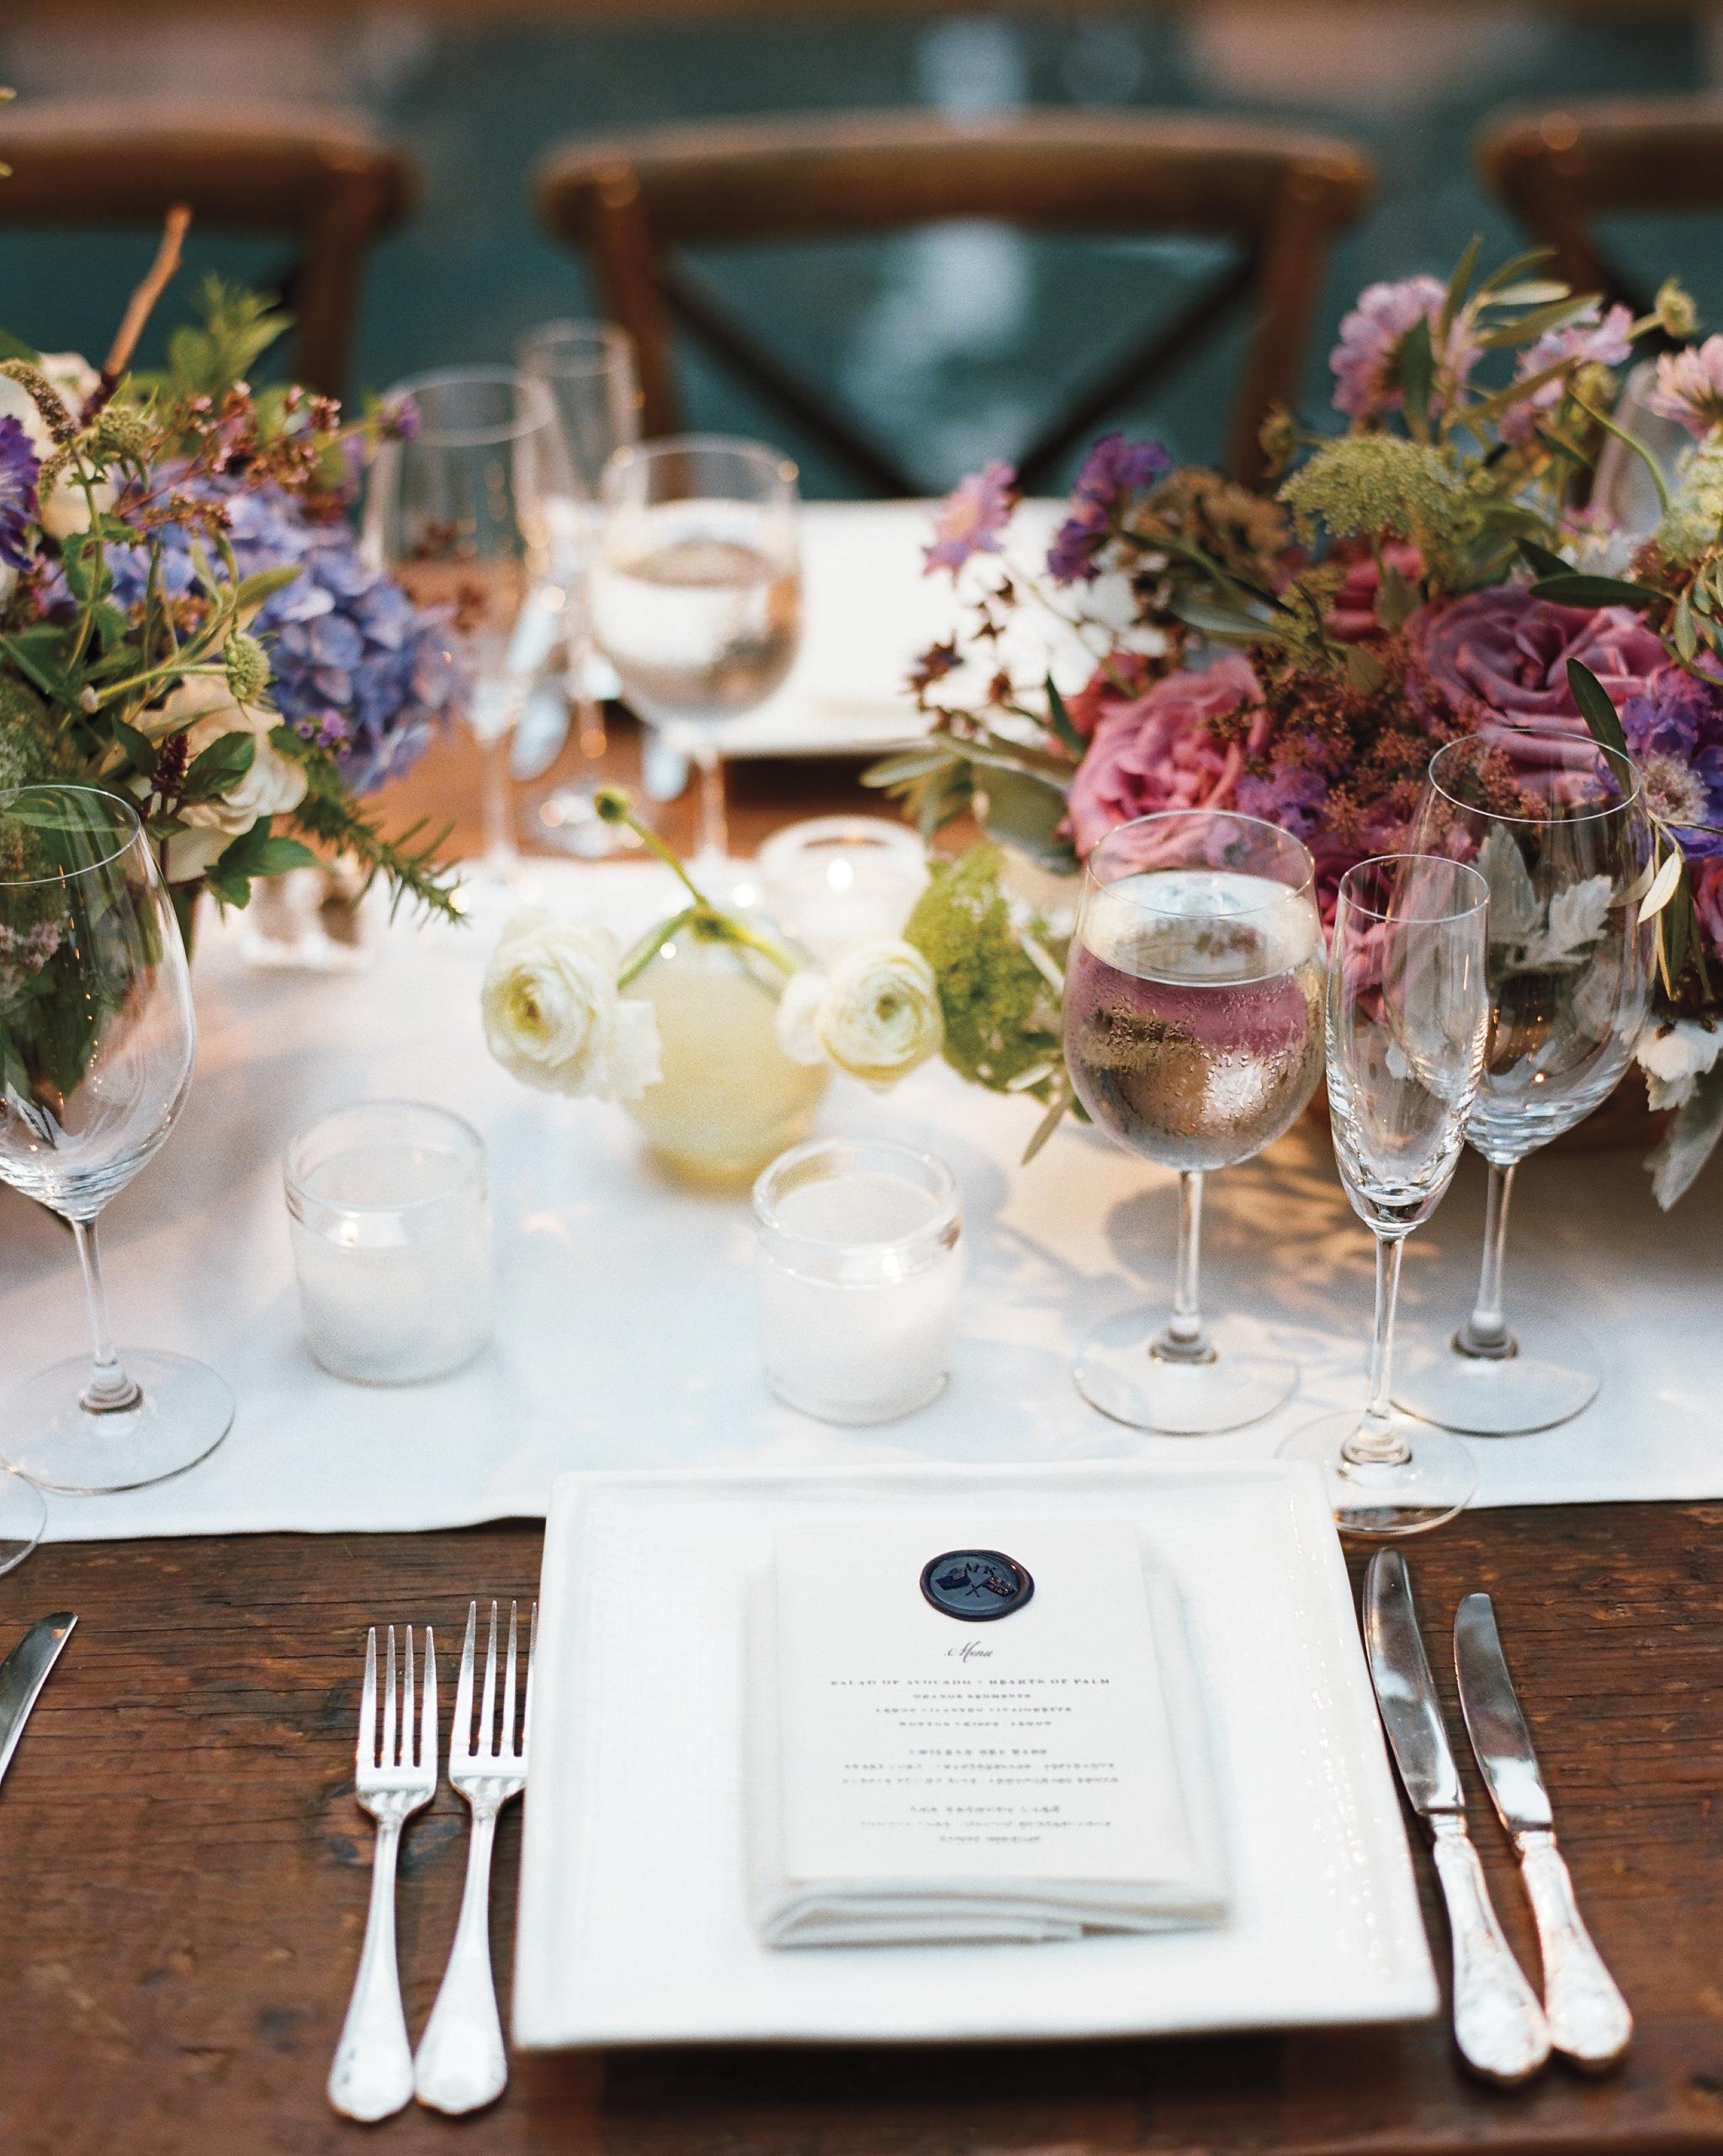 michelle-kimball-wedding-0091-s111580.jpg